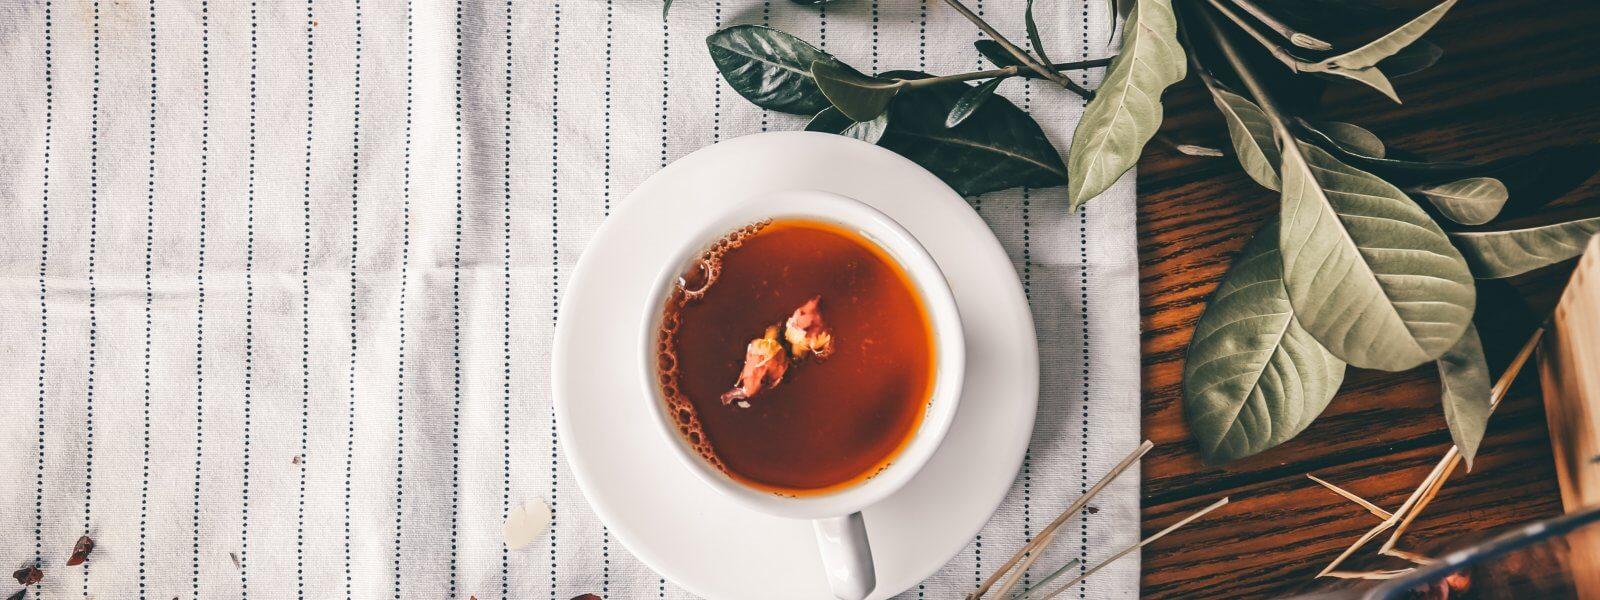 Teneur en caféine : Une tasse de thé contient plus de caféine qu'un expresso